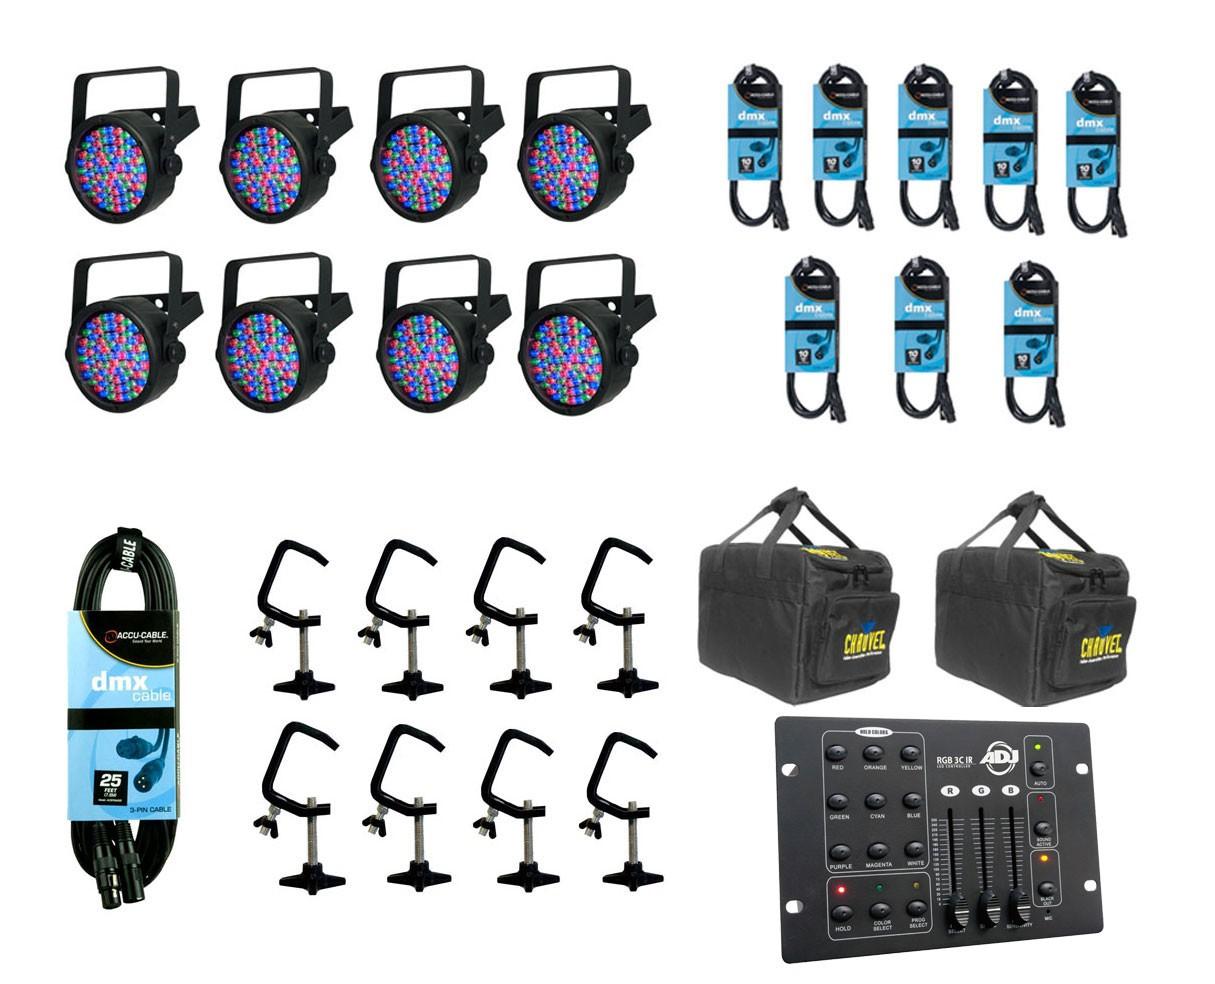 8x Chauvet SlimPAR 56 + Bags + Clamps + Controller + Cables